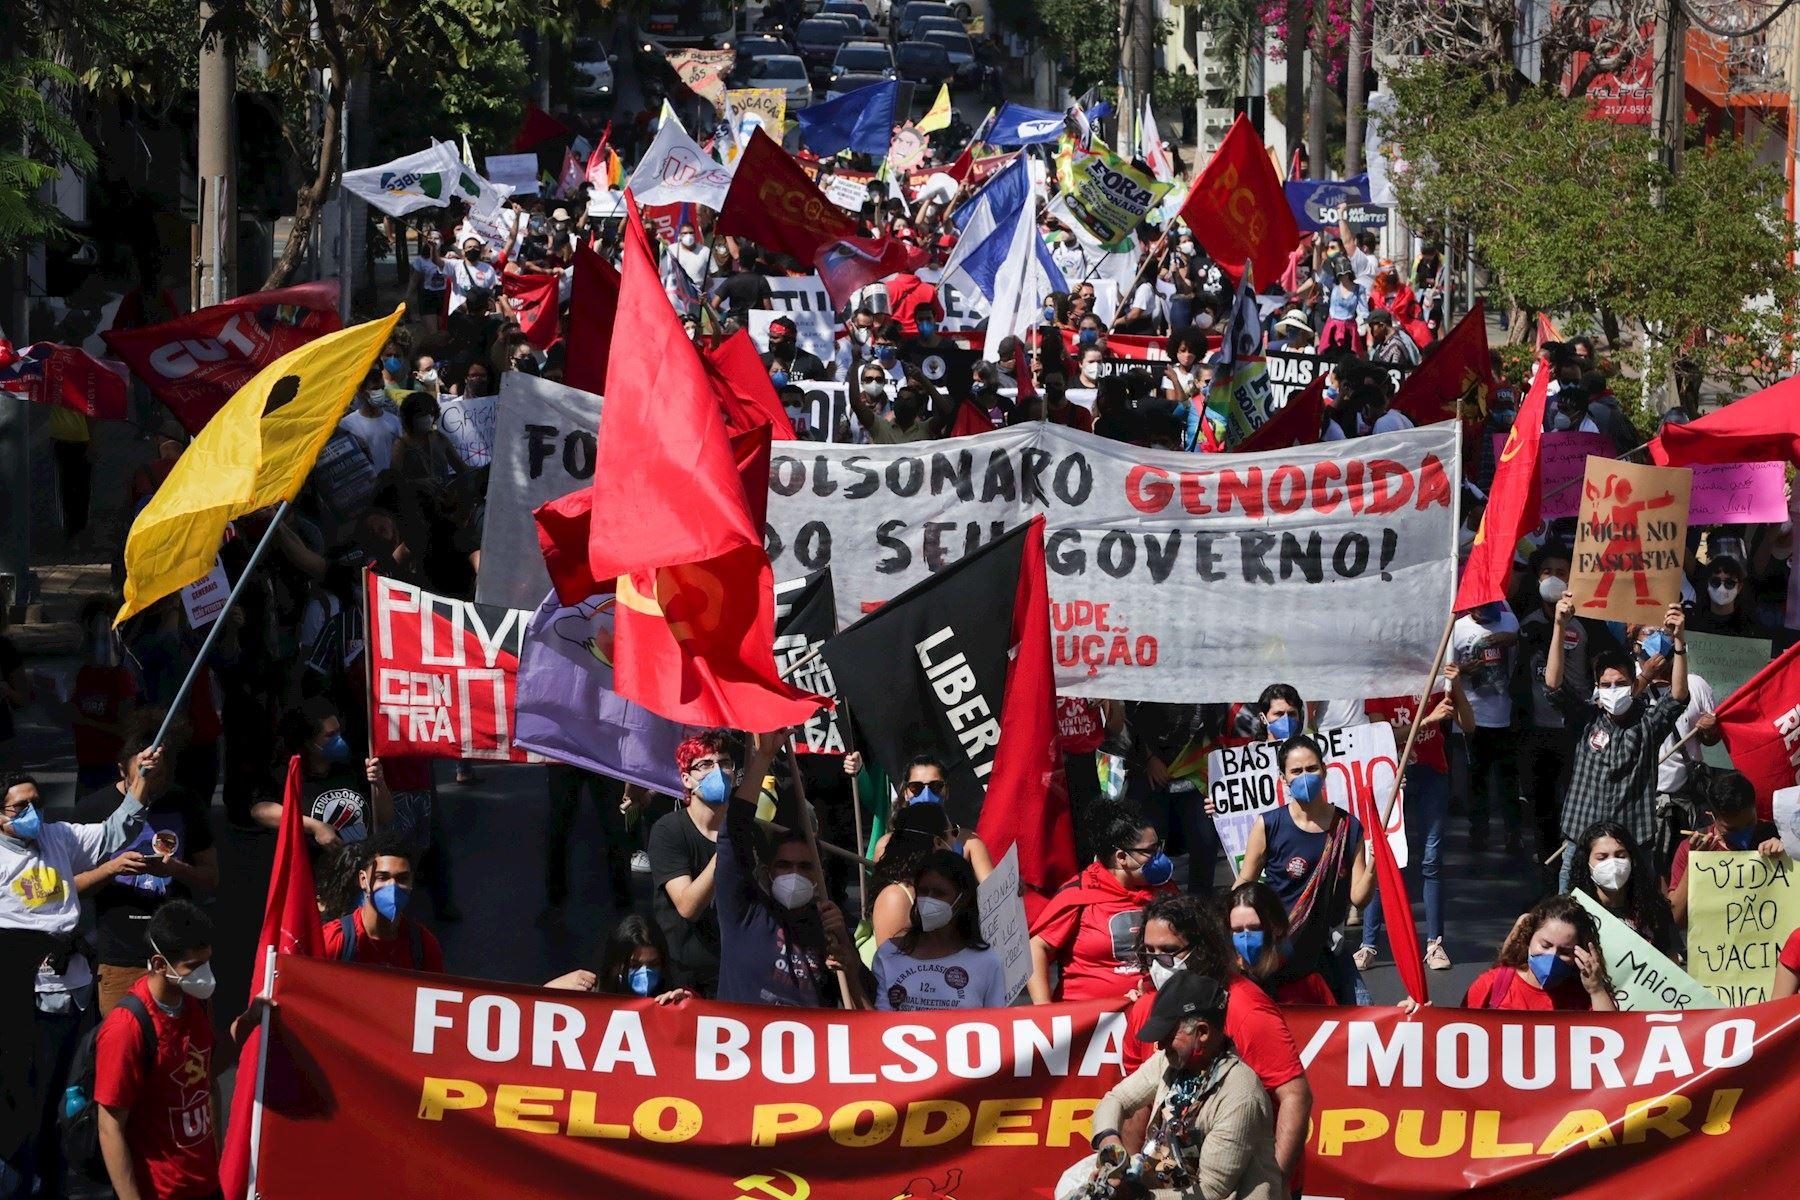 Calles de Brasil se llenan de carteles en protesta contra gobierno de Bolsonaro. Foto: EFE